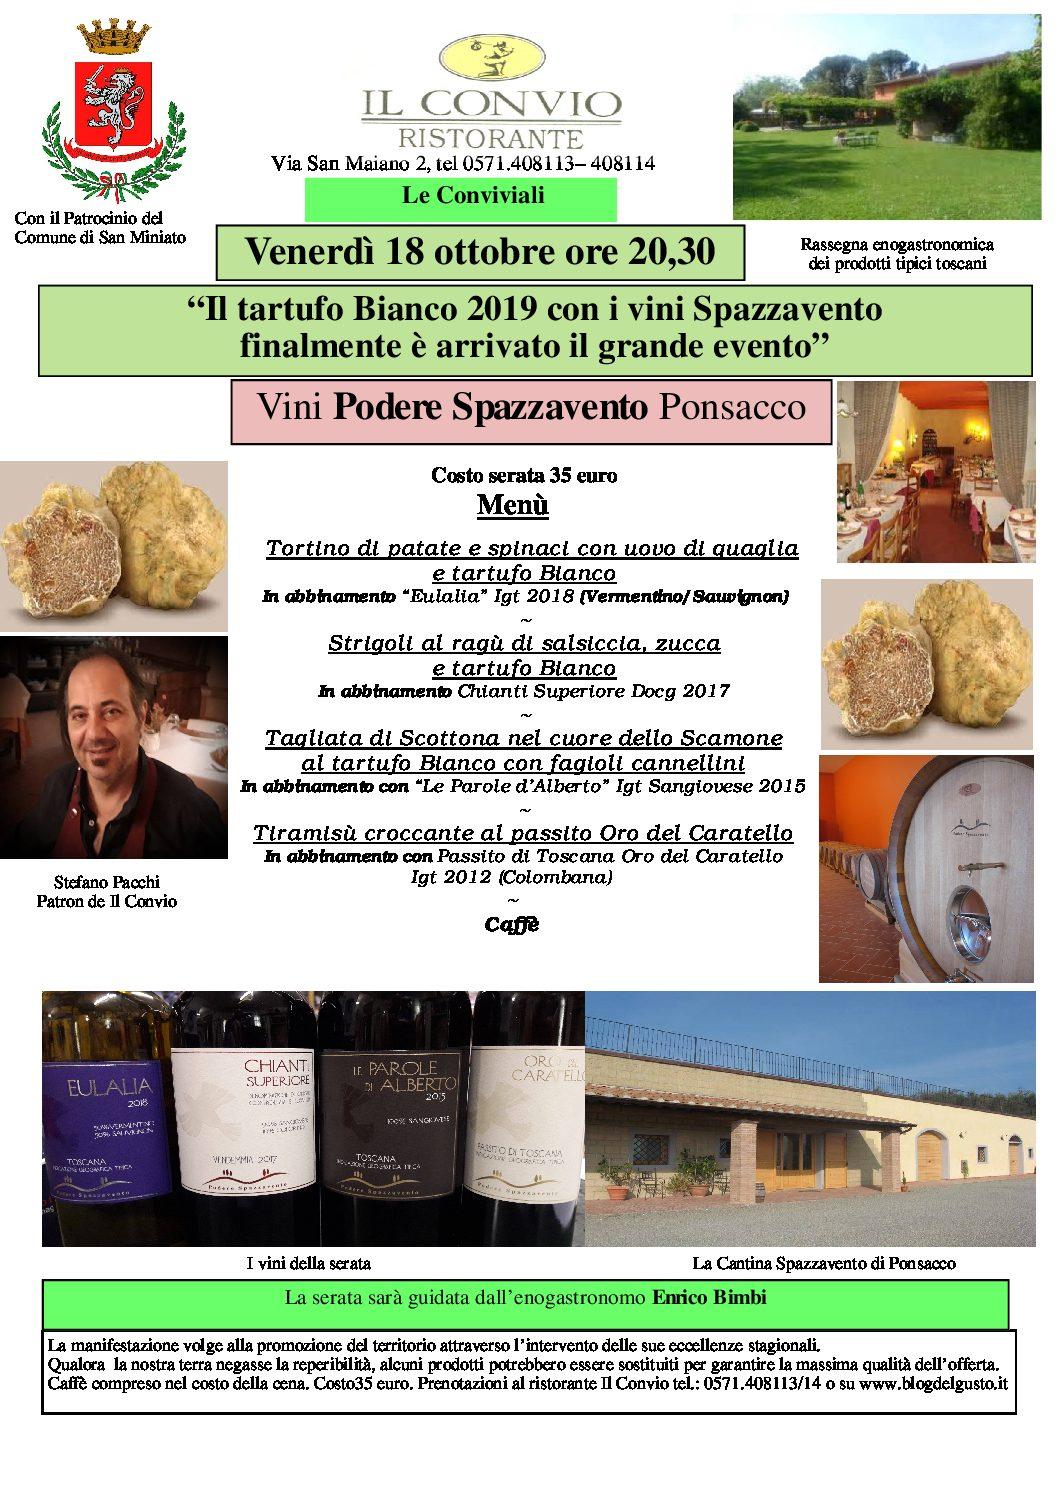 Favoloso Gran Galà del tartufo Bianco al Convio con i vini Spazzavento